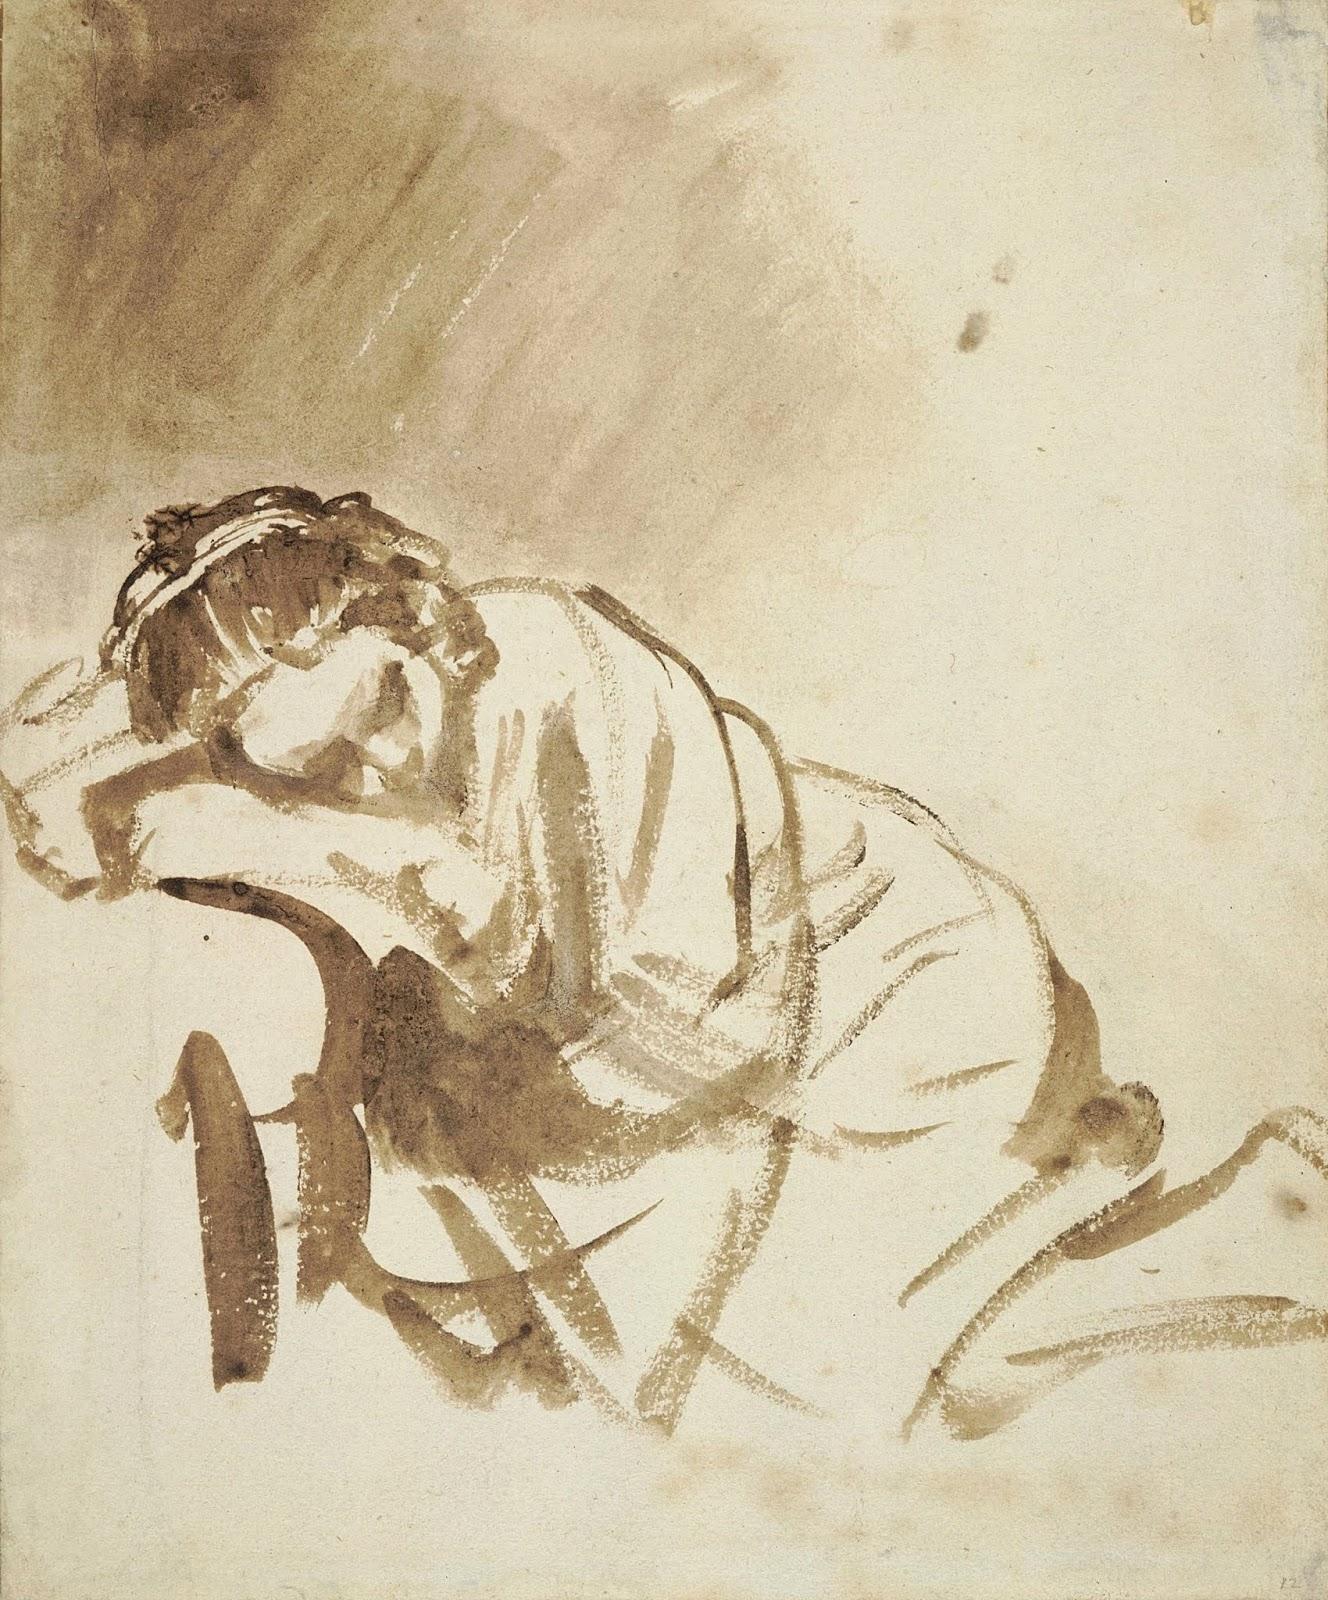 Pensieri su carta: una mostra esalta il tocco grafico di Rembrandt, a Londra